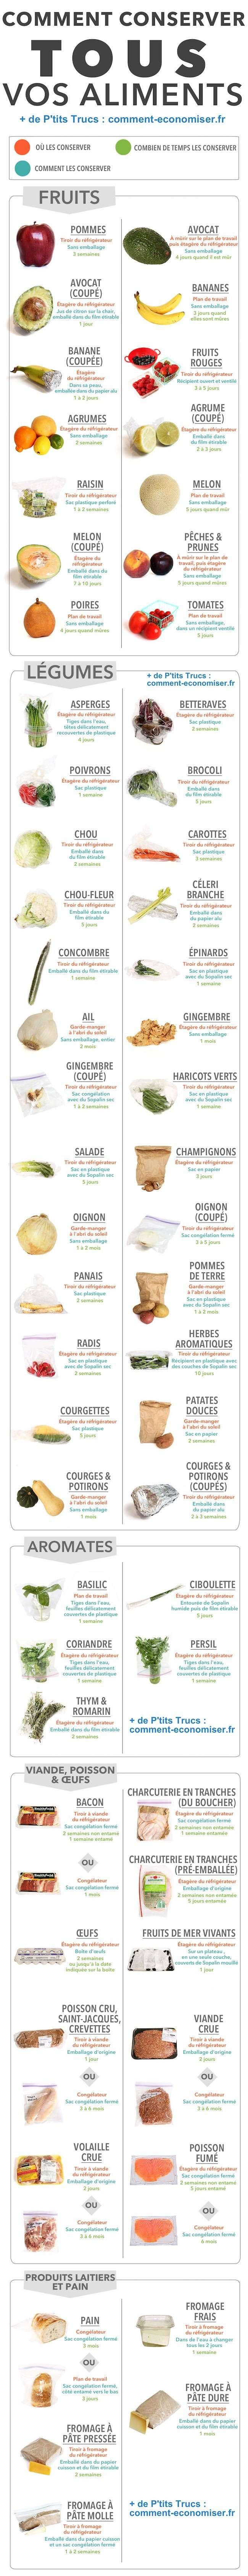 Remark Bien Conserver Vos Aliments ? Le Information Complet Pour Ne Plus JAMAIS Rien Gâcher.